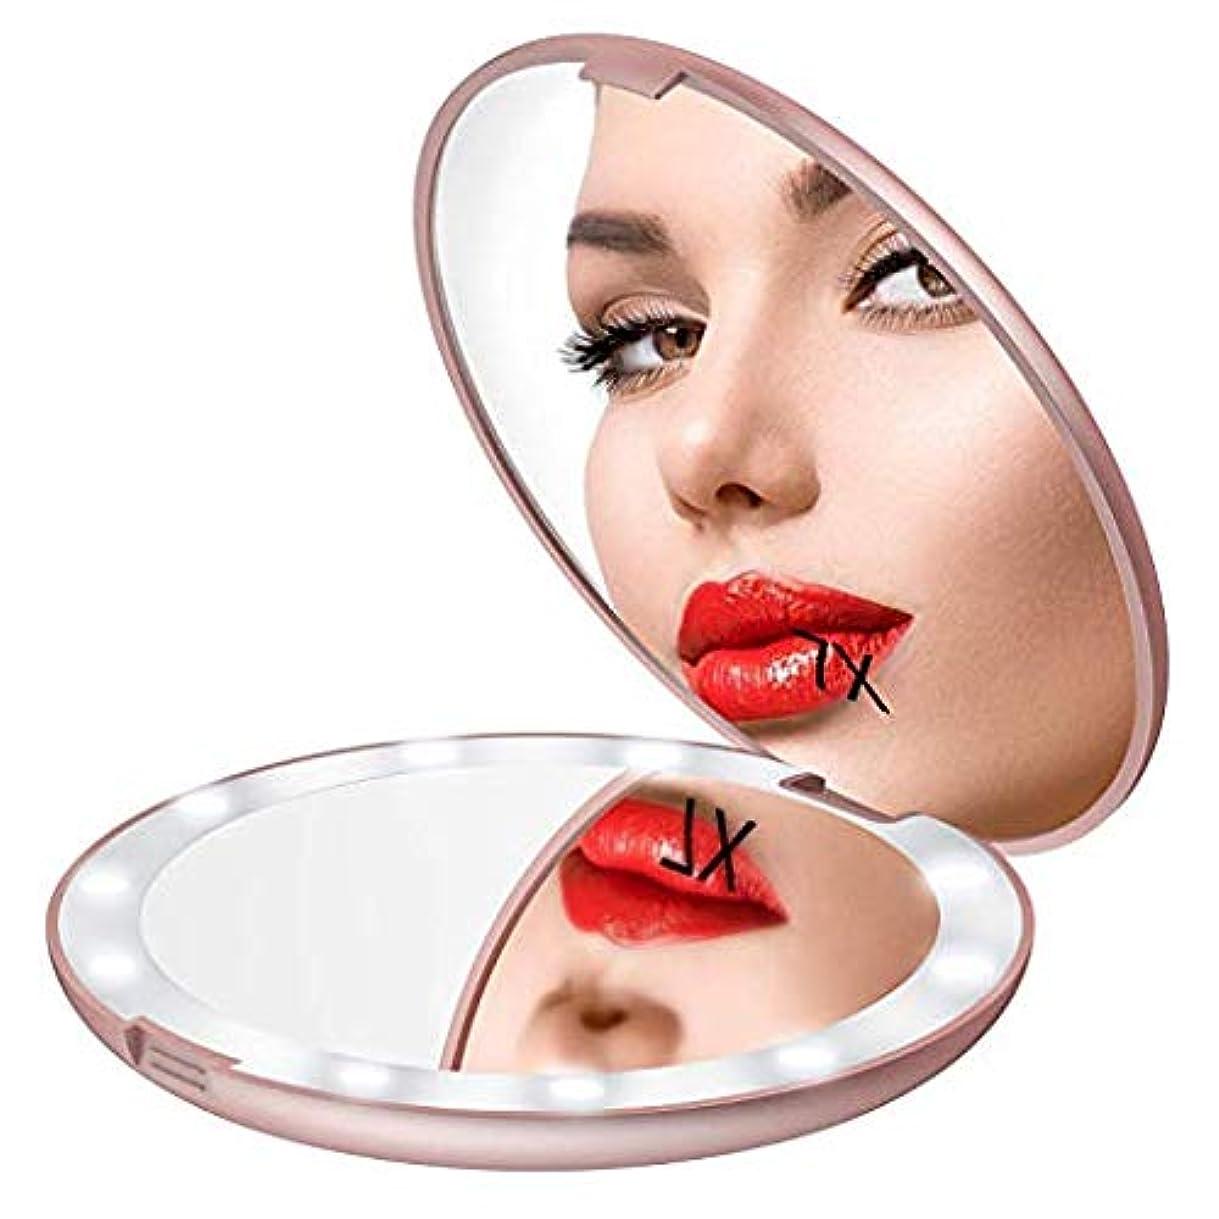 スポットグリル問題Gospire 化粧鏡 7倍拡大鏡 携帯ミラー 化粧ミラー LEDライト 手鏡 折りたたみ式 コンパクト 角度調整可 (ピンクゴールド)